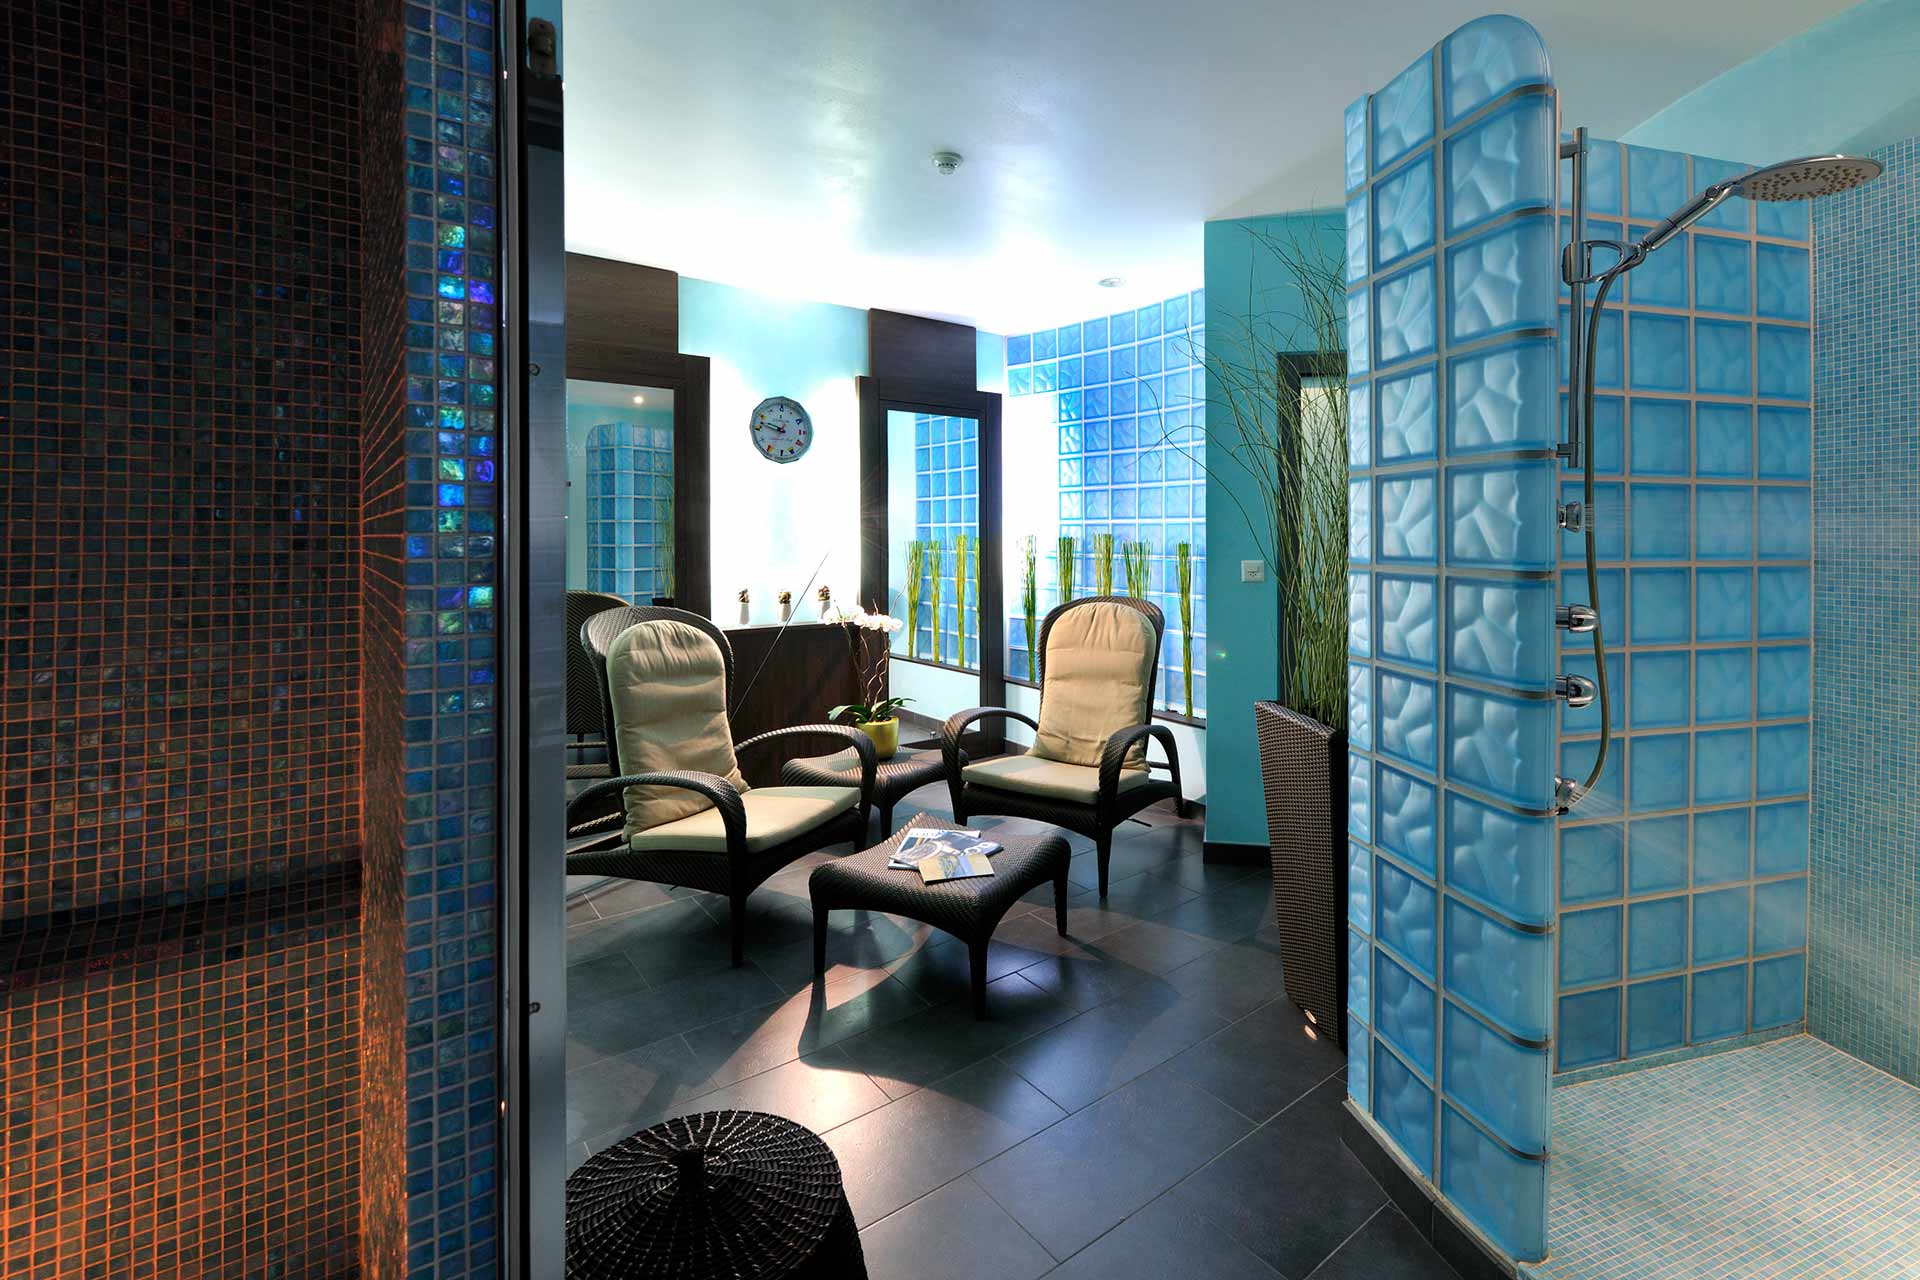 Beau rivage hotel neuchatel neuenburg schweiz luxus